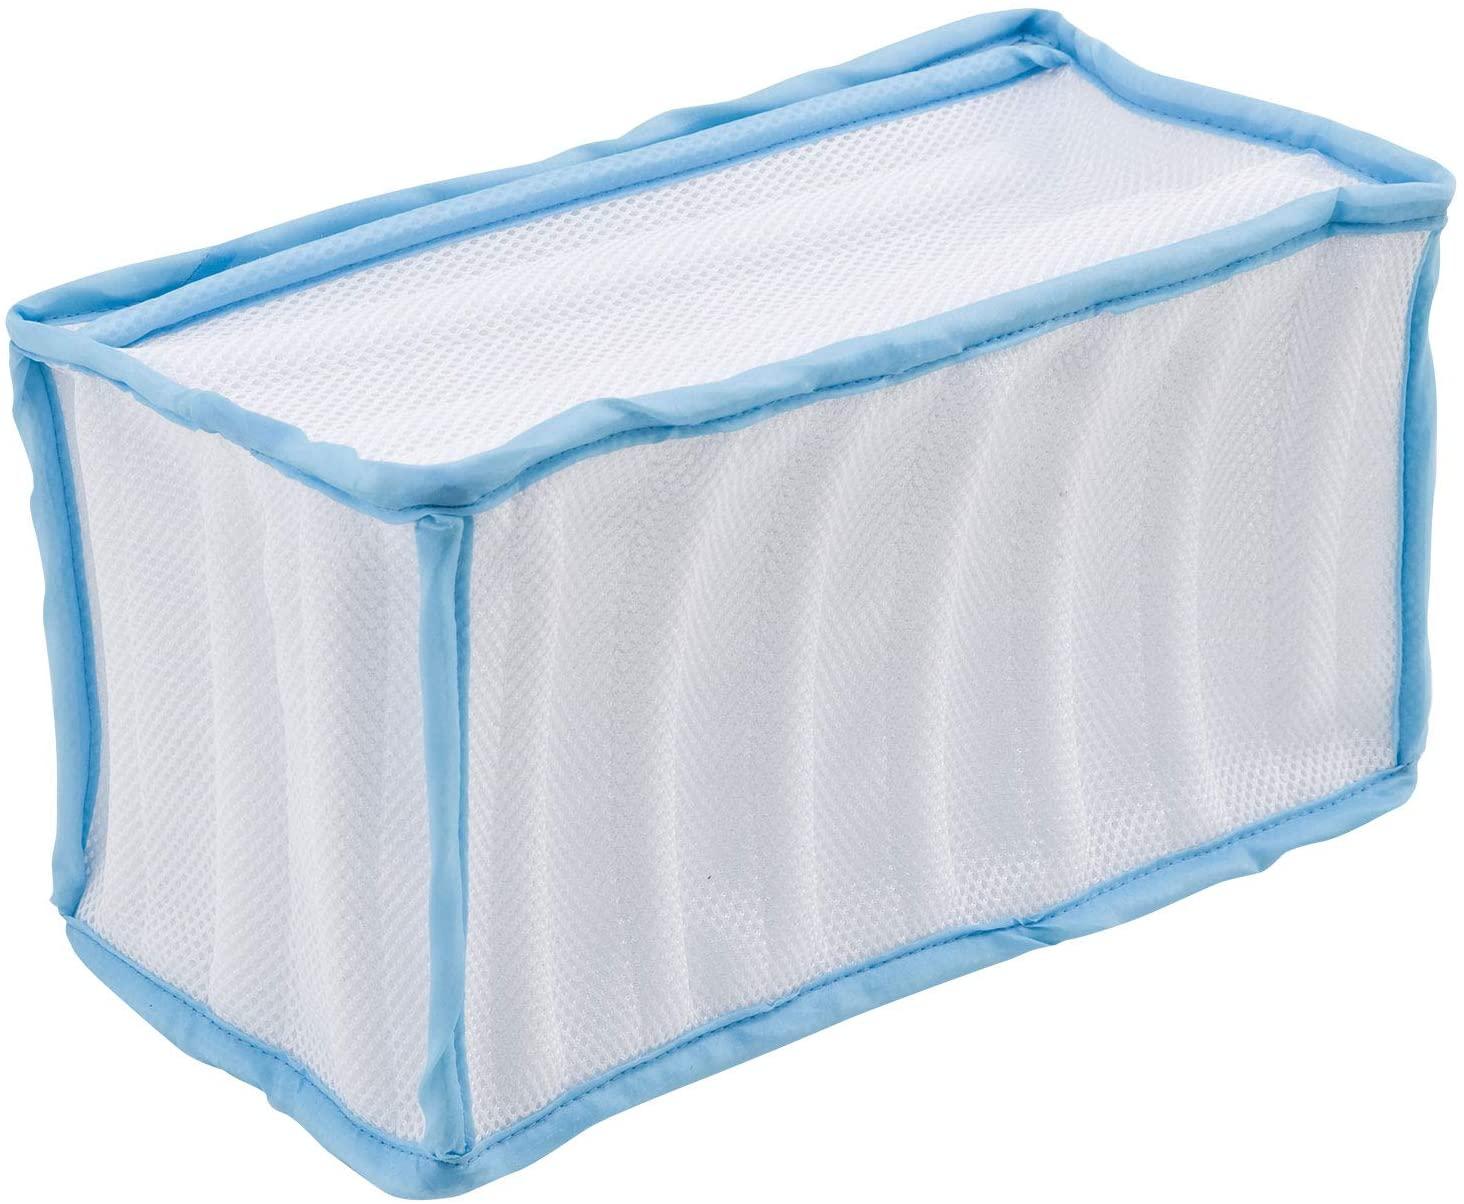 FINE(ファイン) シューズ洗濯ネットの商品画像